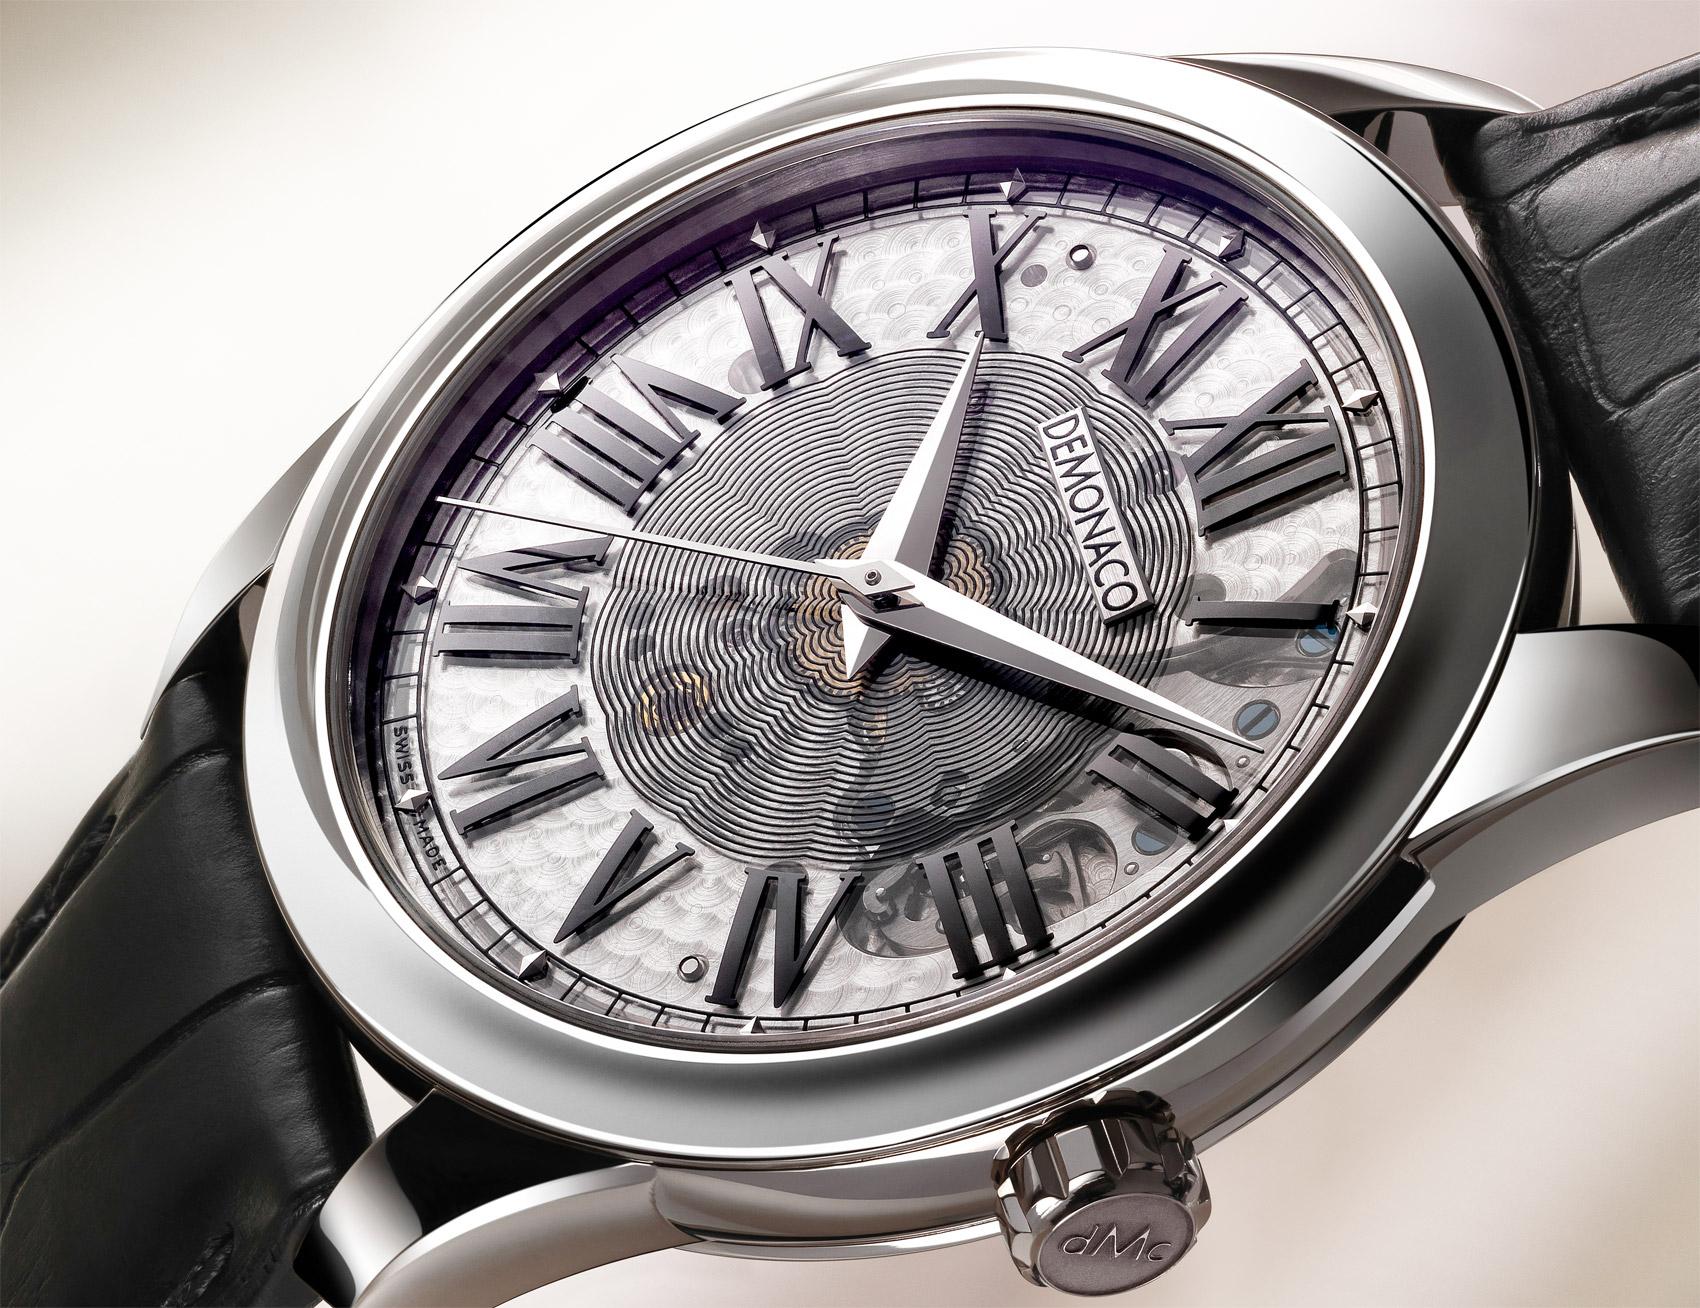 New Timepieces In the Ateliers deMonaco Poinçon de Genève Collection